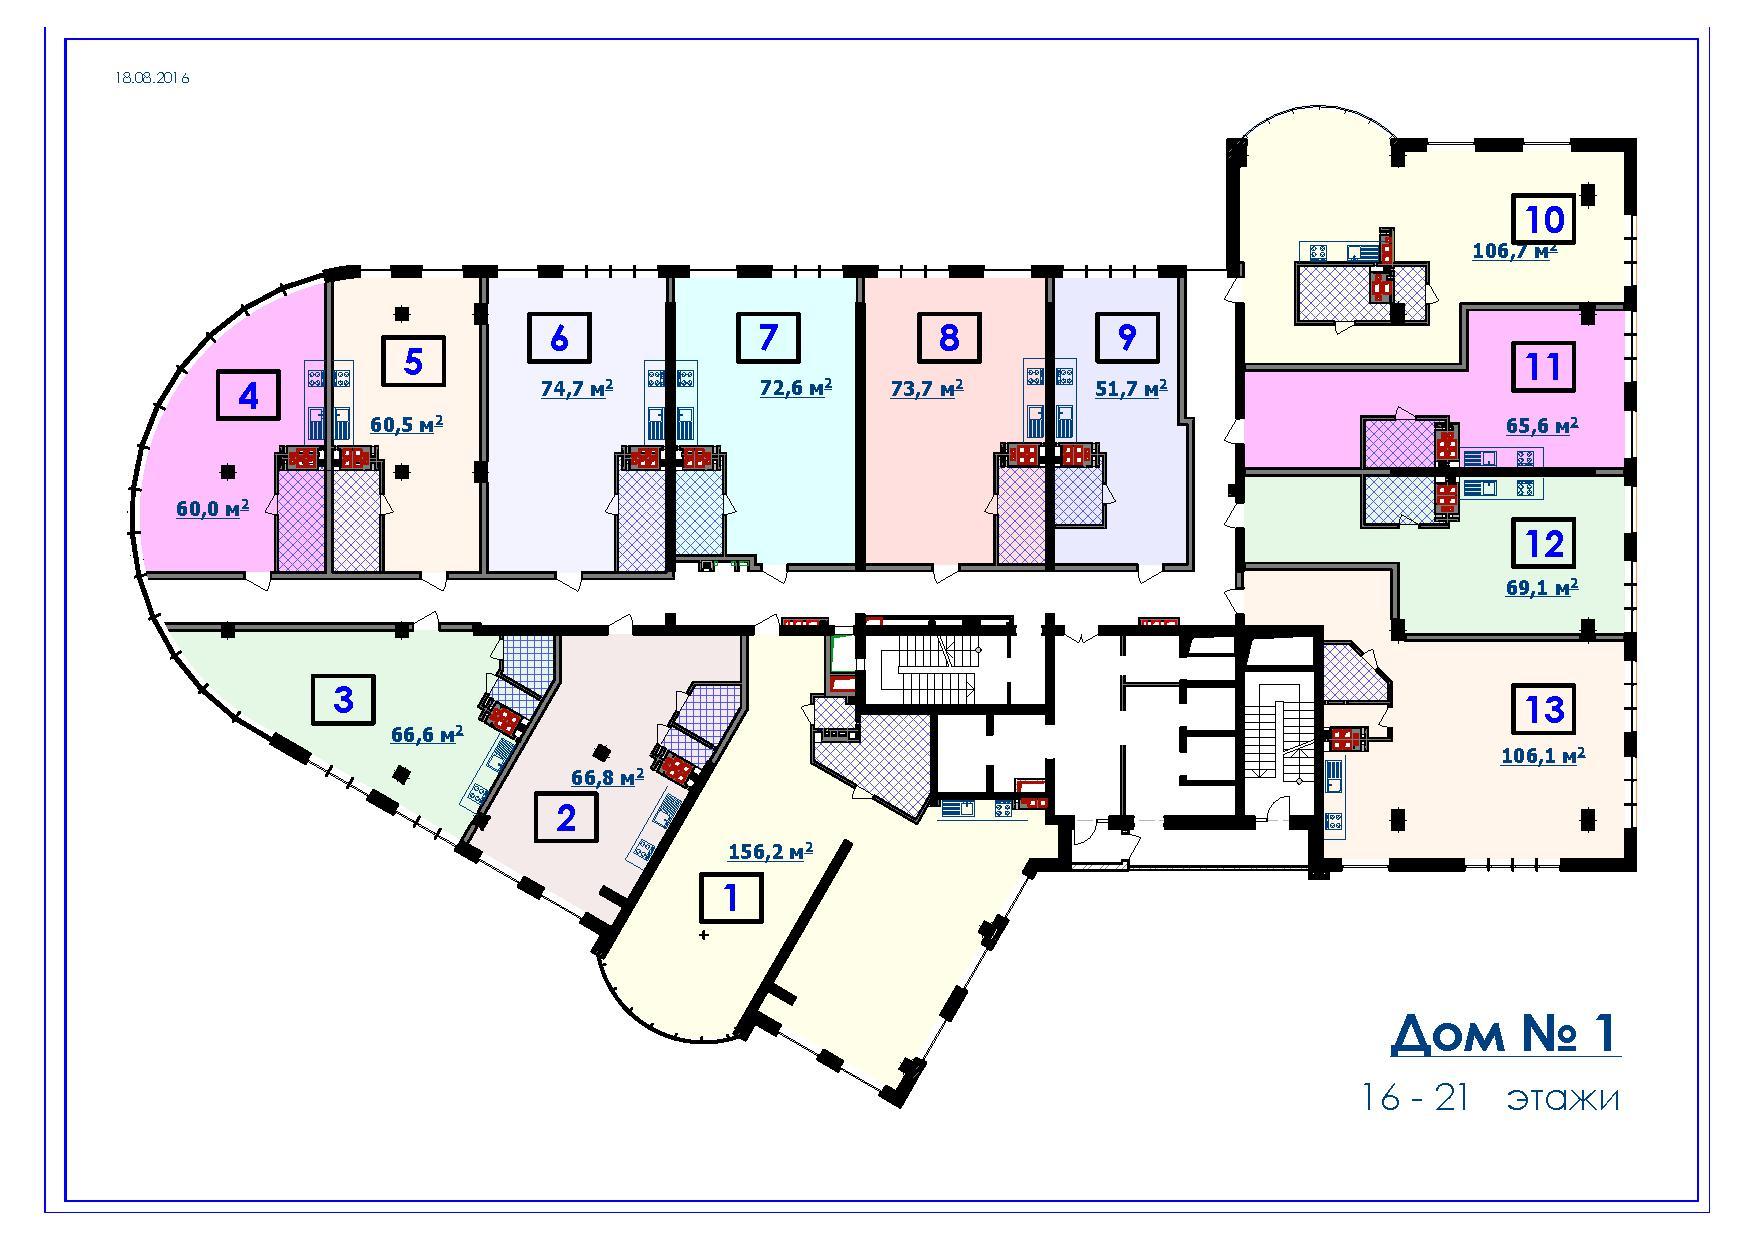 ЖК Курортный Новострой в Одессе СК Микромегас Дом 1 6-21 этажи